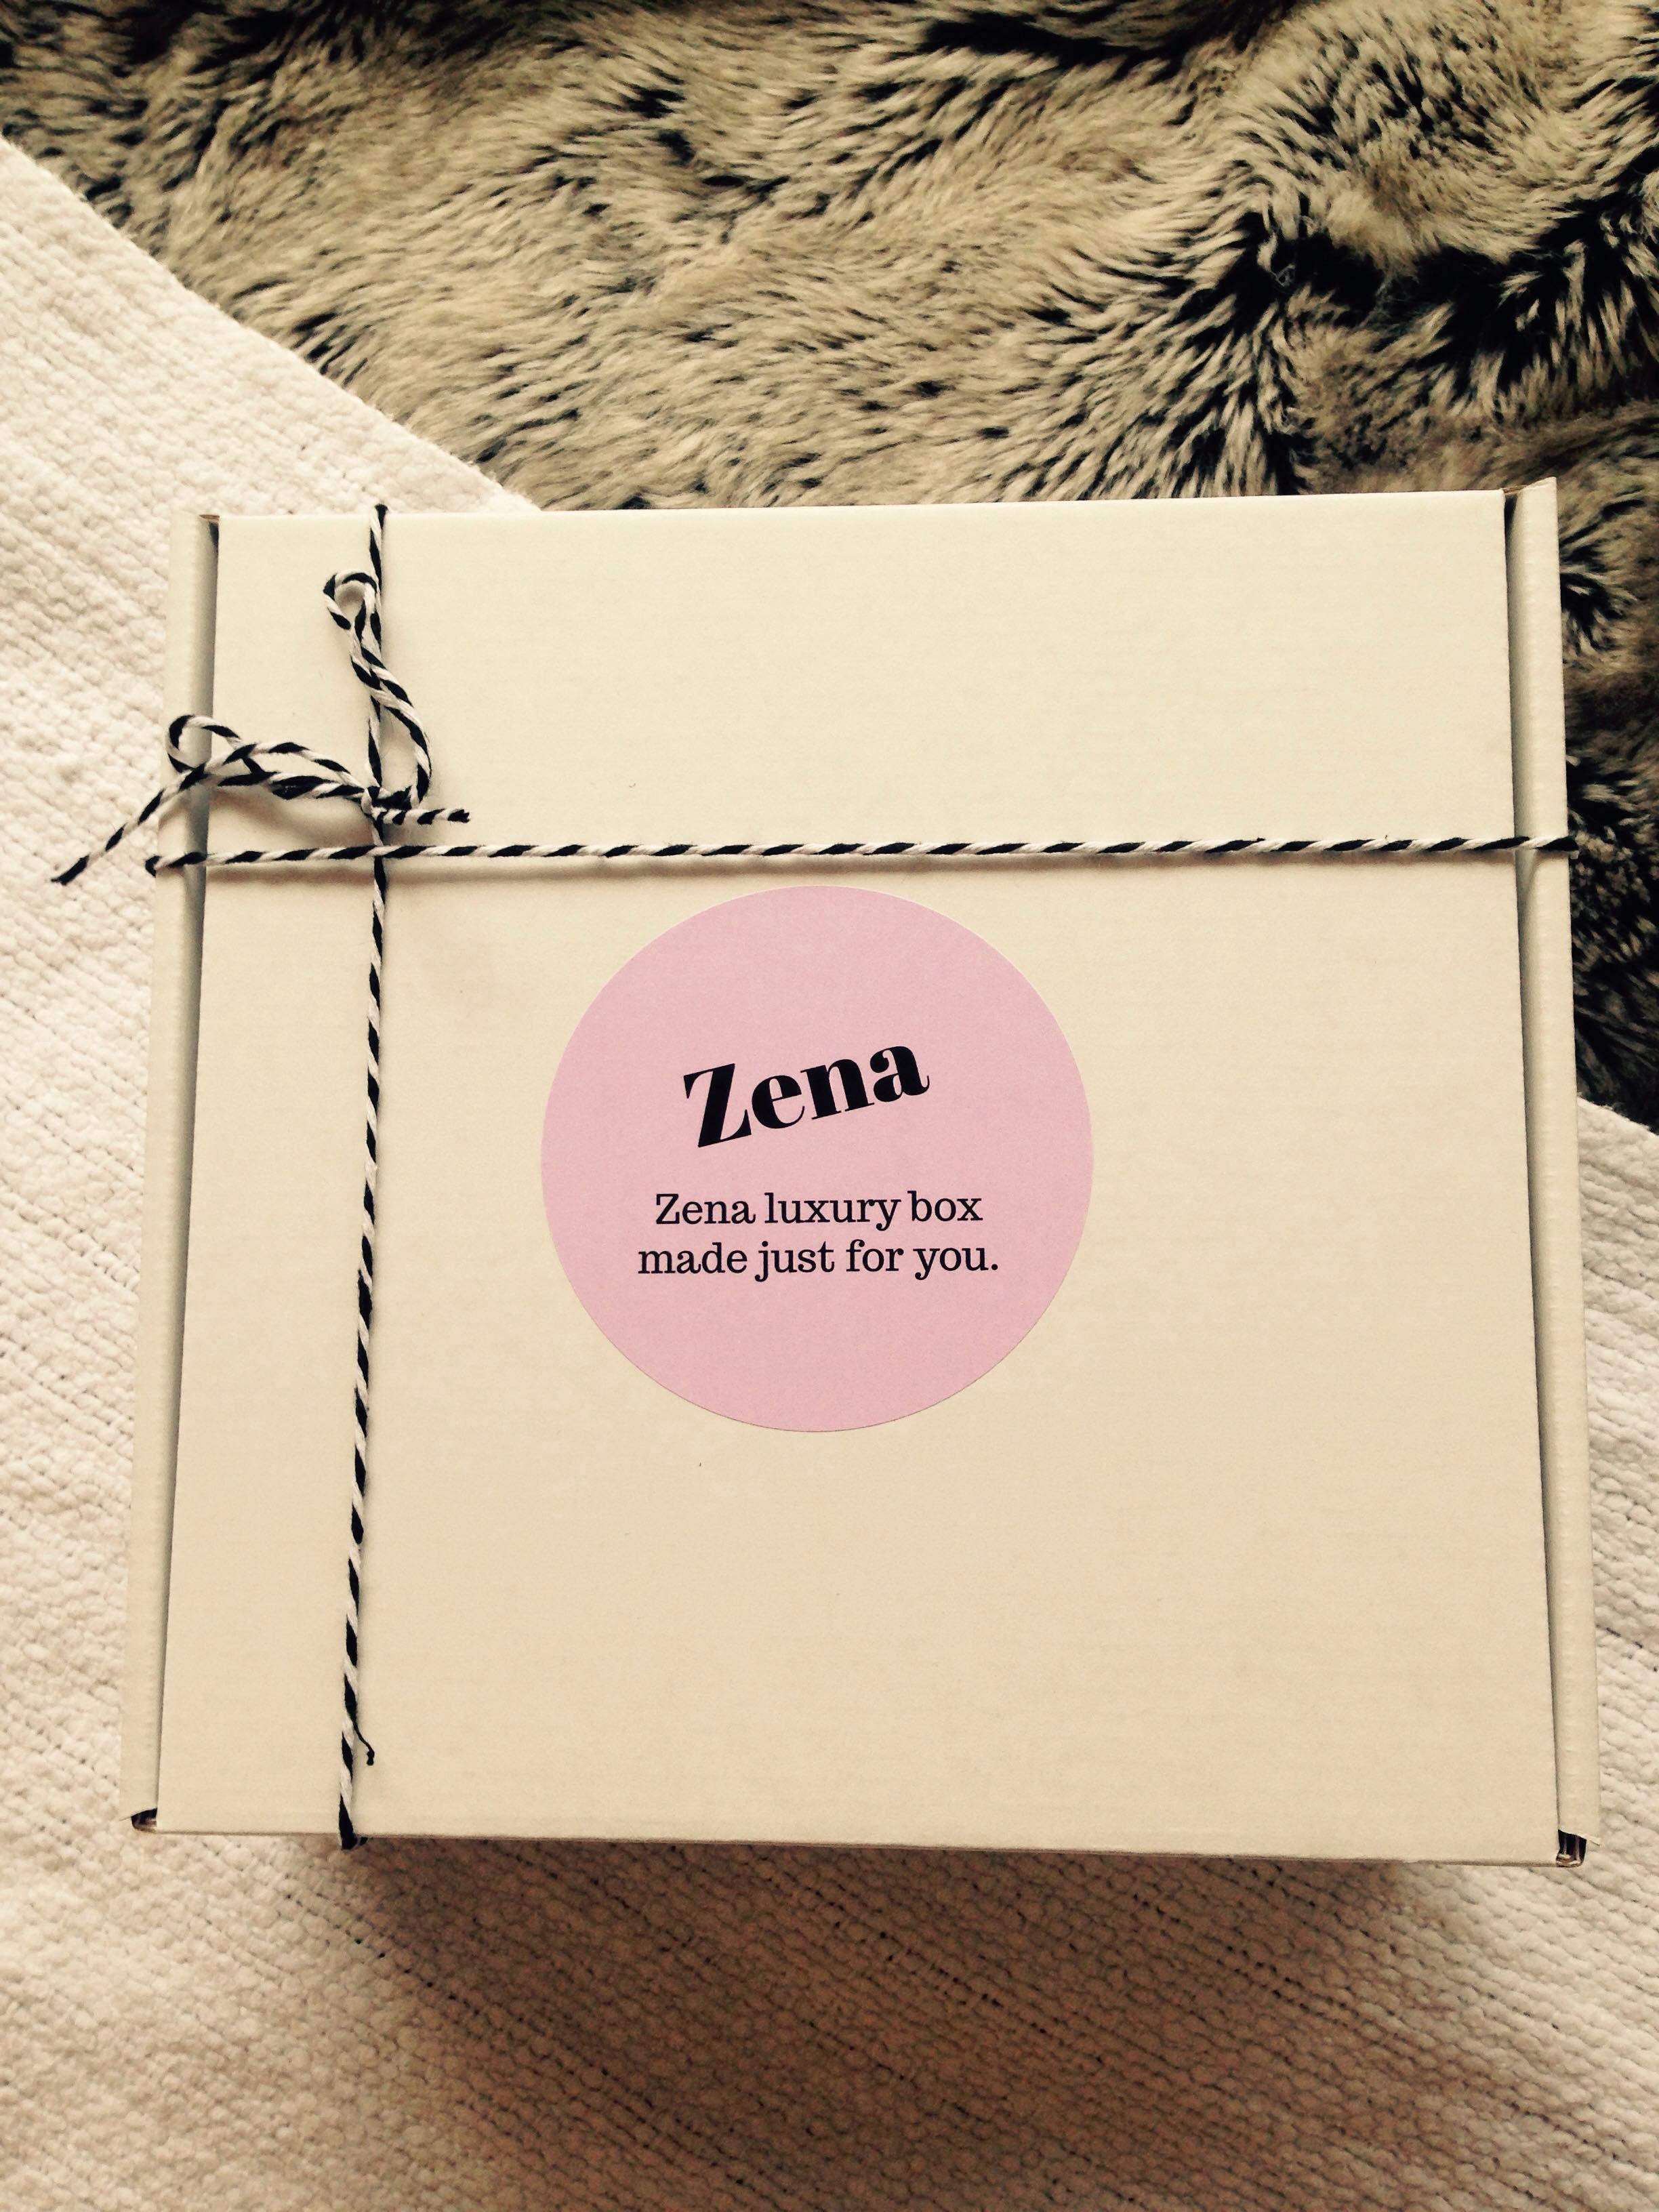 Zena Box - Quarterly